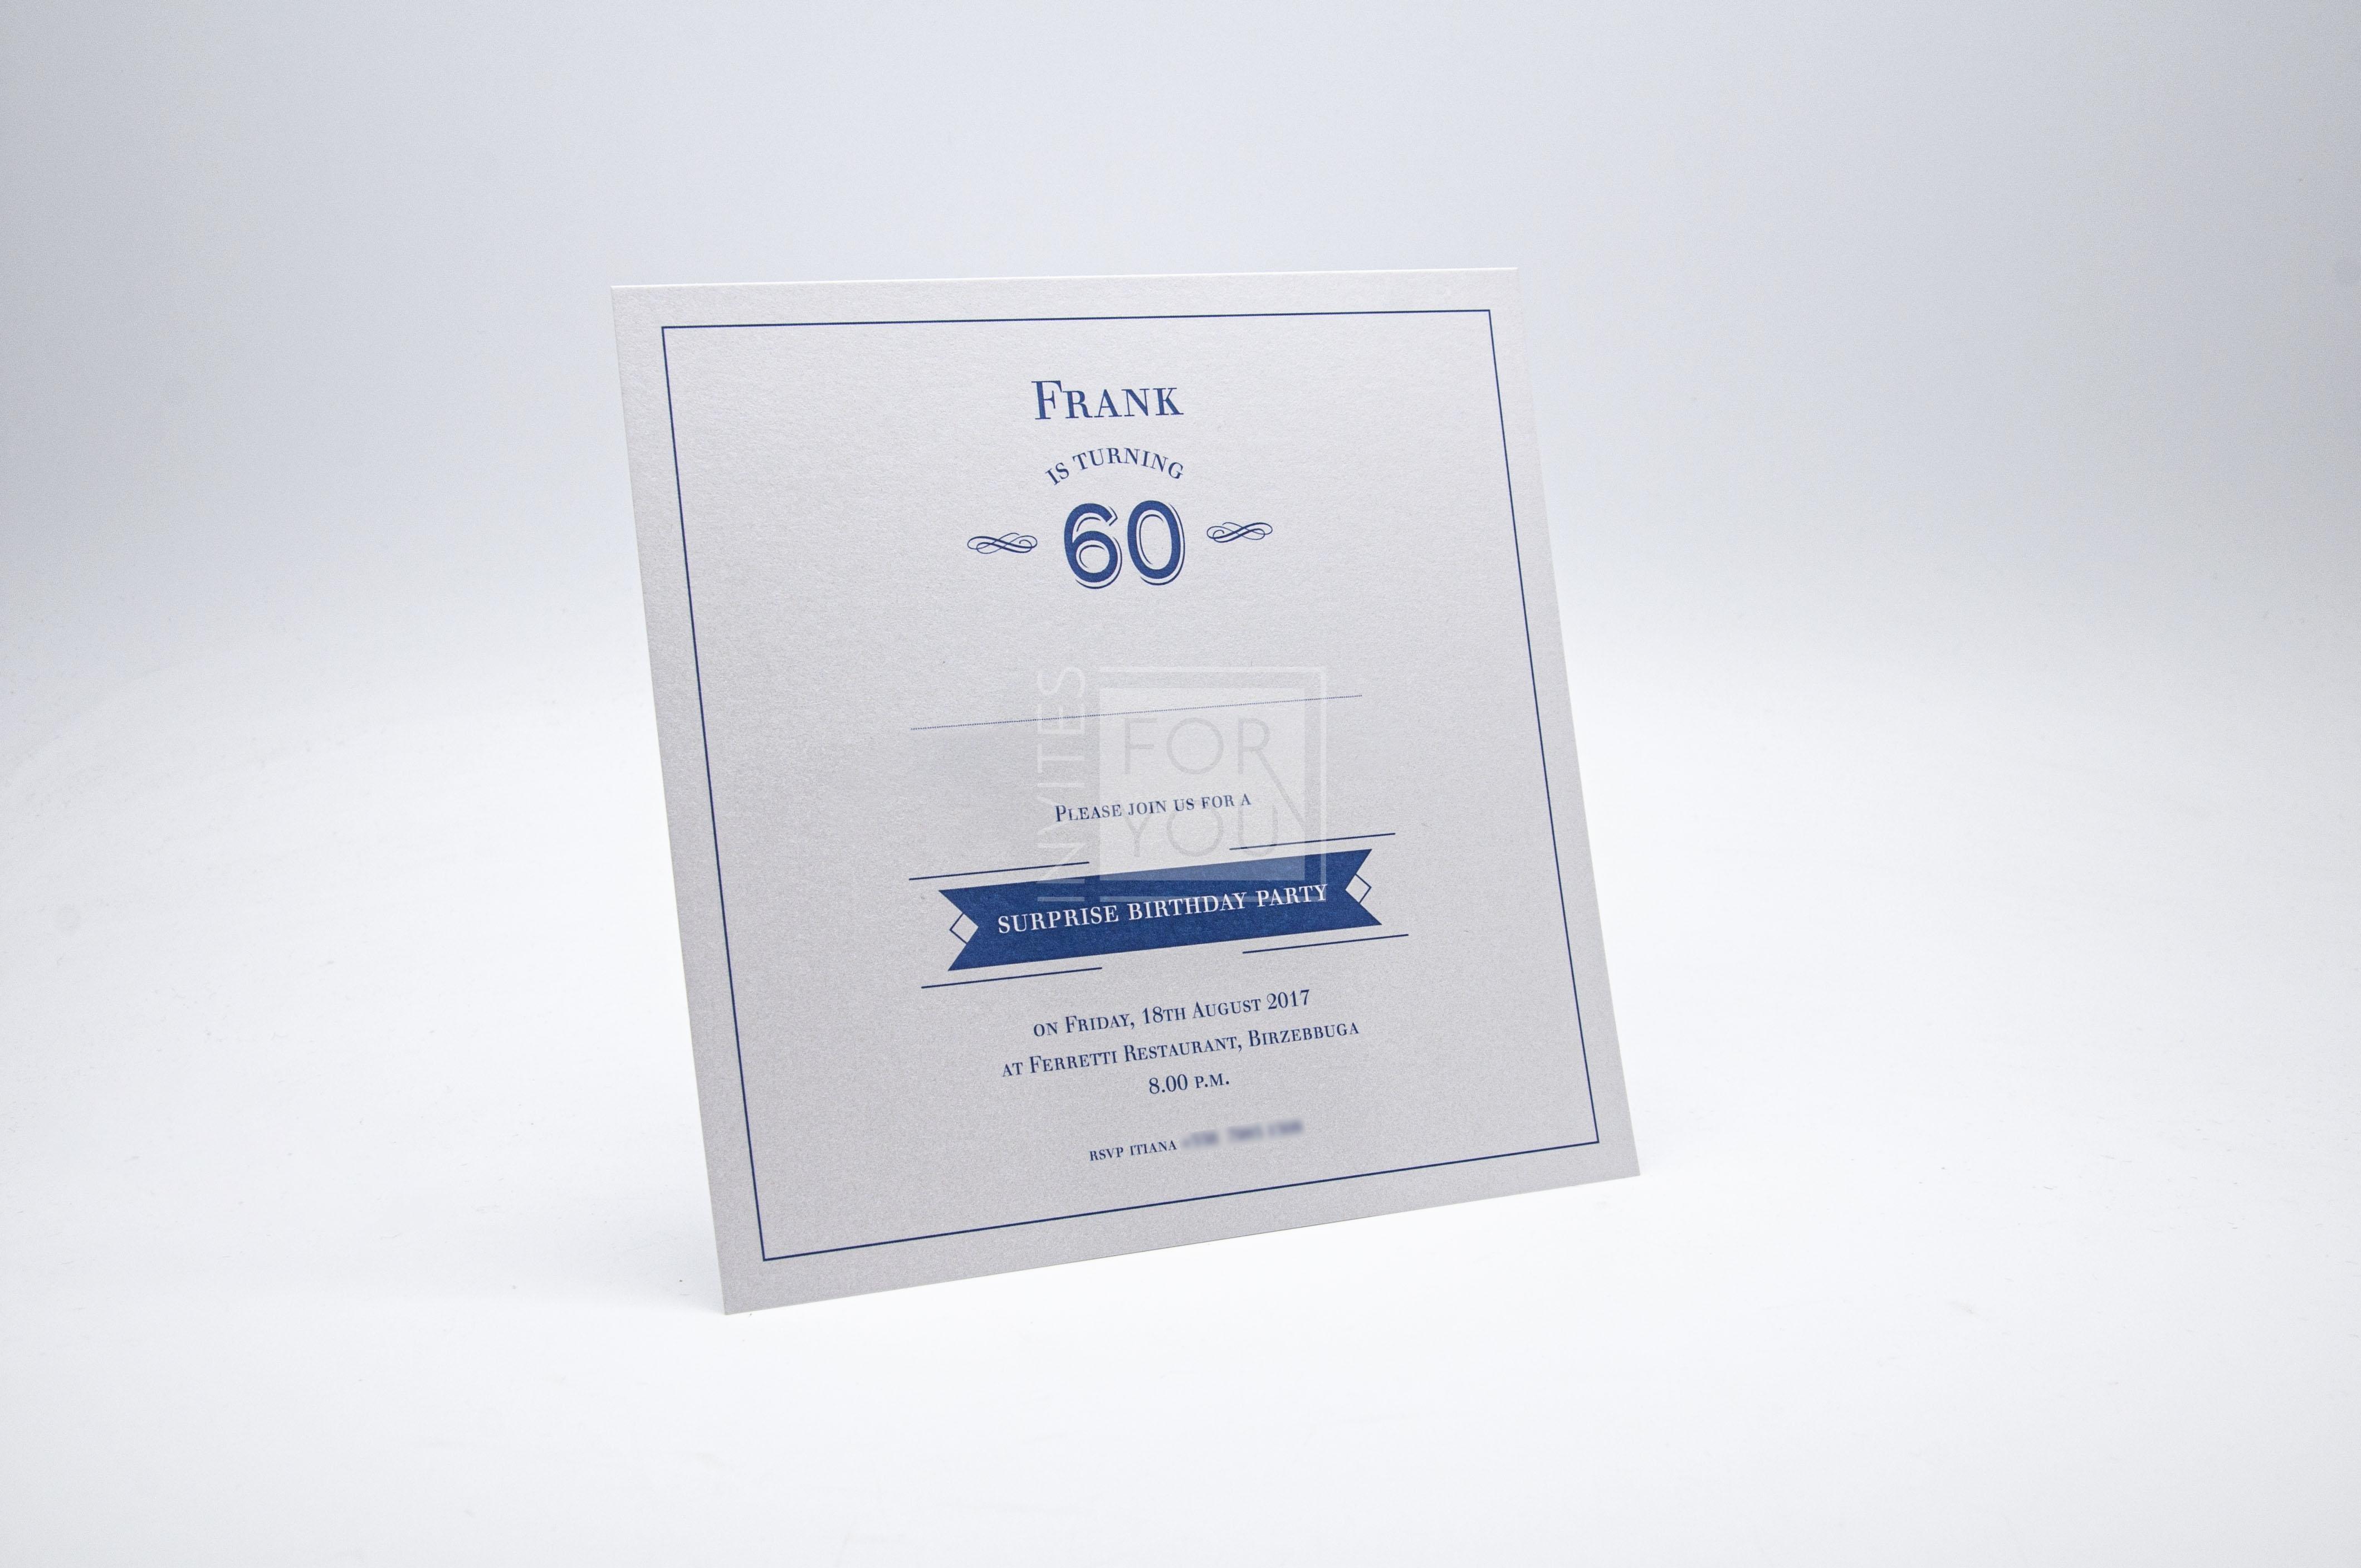 Frank 60